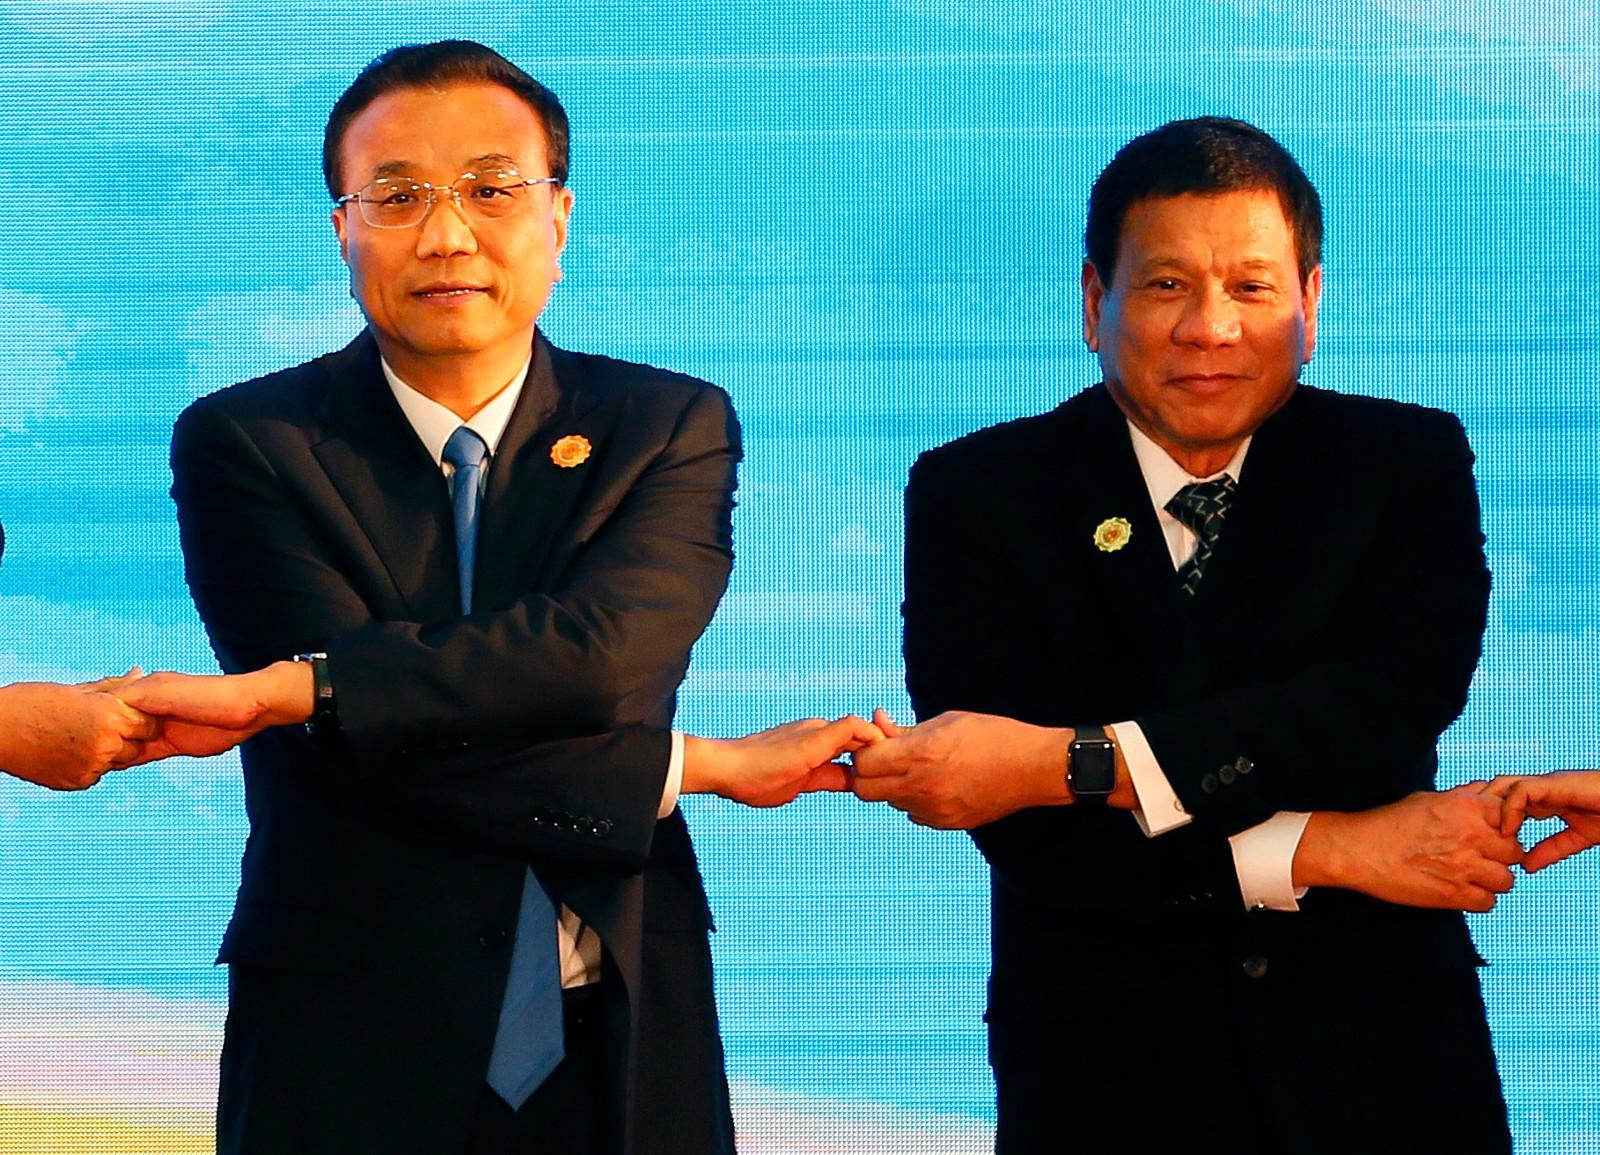 Hånd i hånd. Kinas statsminister Li Keqiang og Filipinenes president Rodrigo Duterte under ASEAN-toppmøtet i Laos den 7. september. ASEAN er en samarbeidsorganisasjon for sørøstasiatiske land.